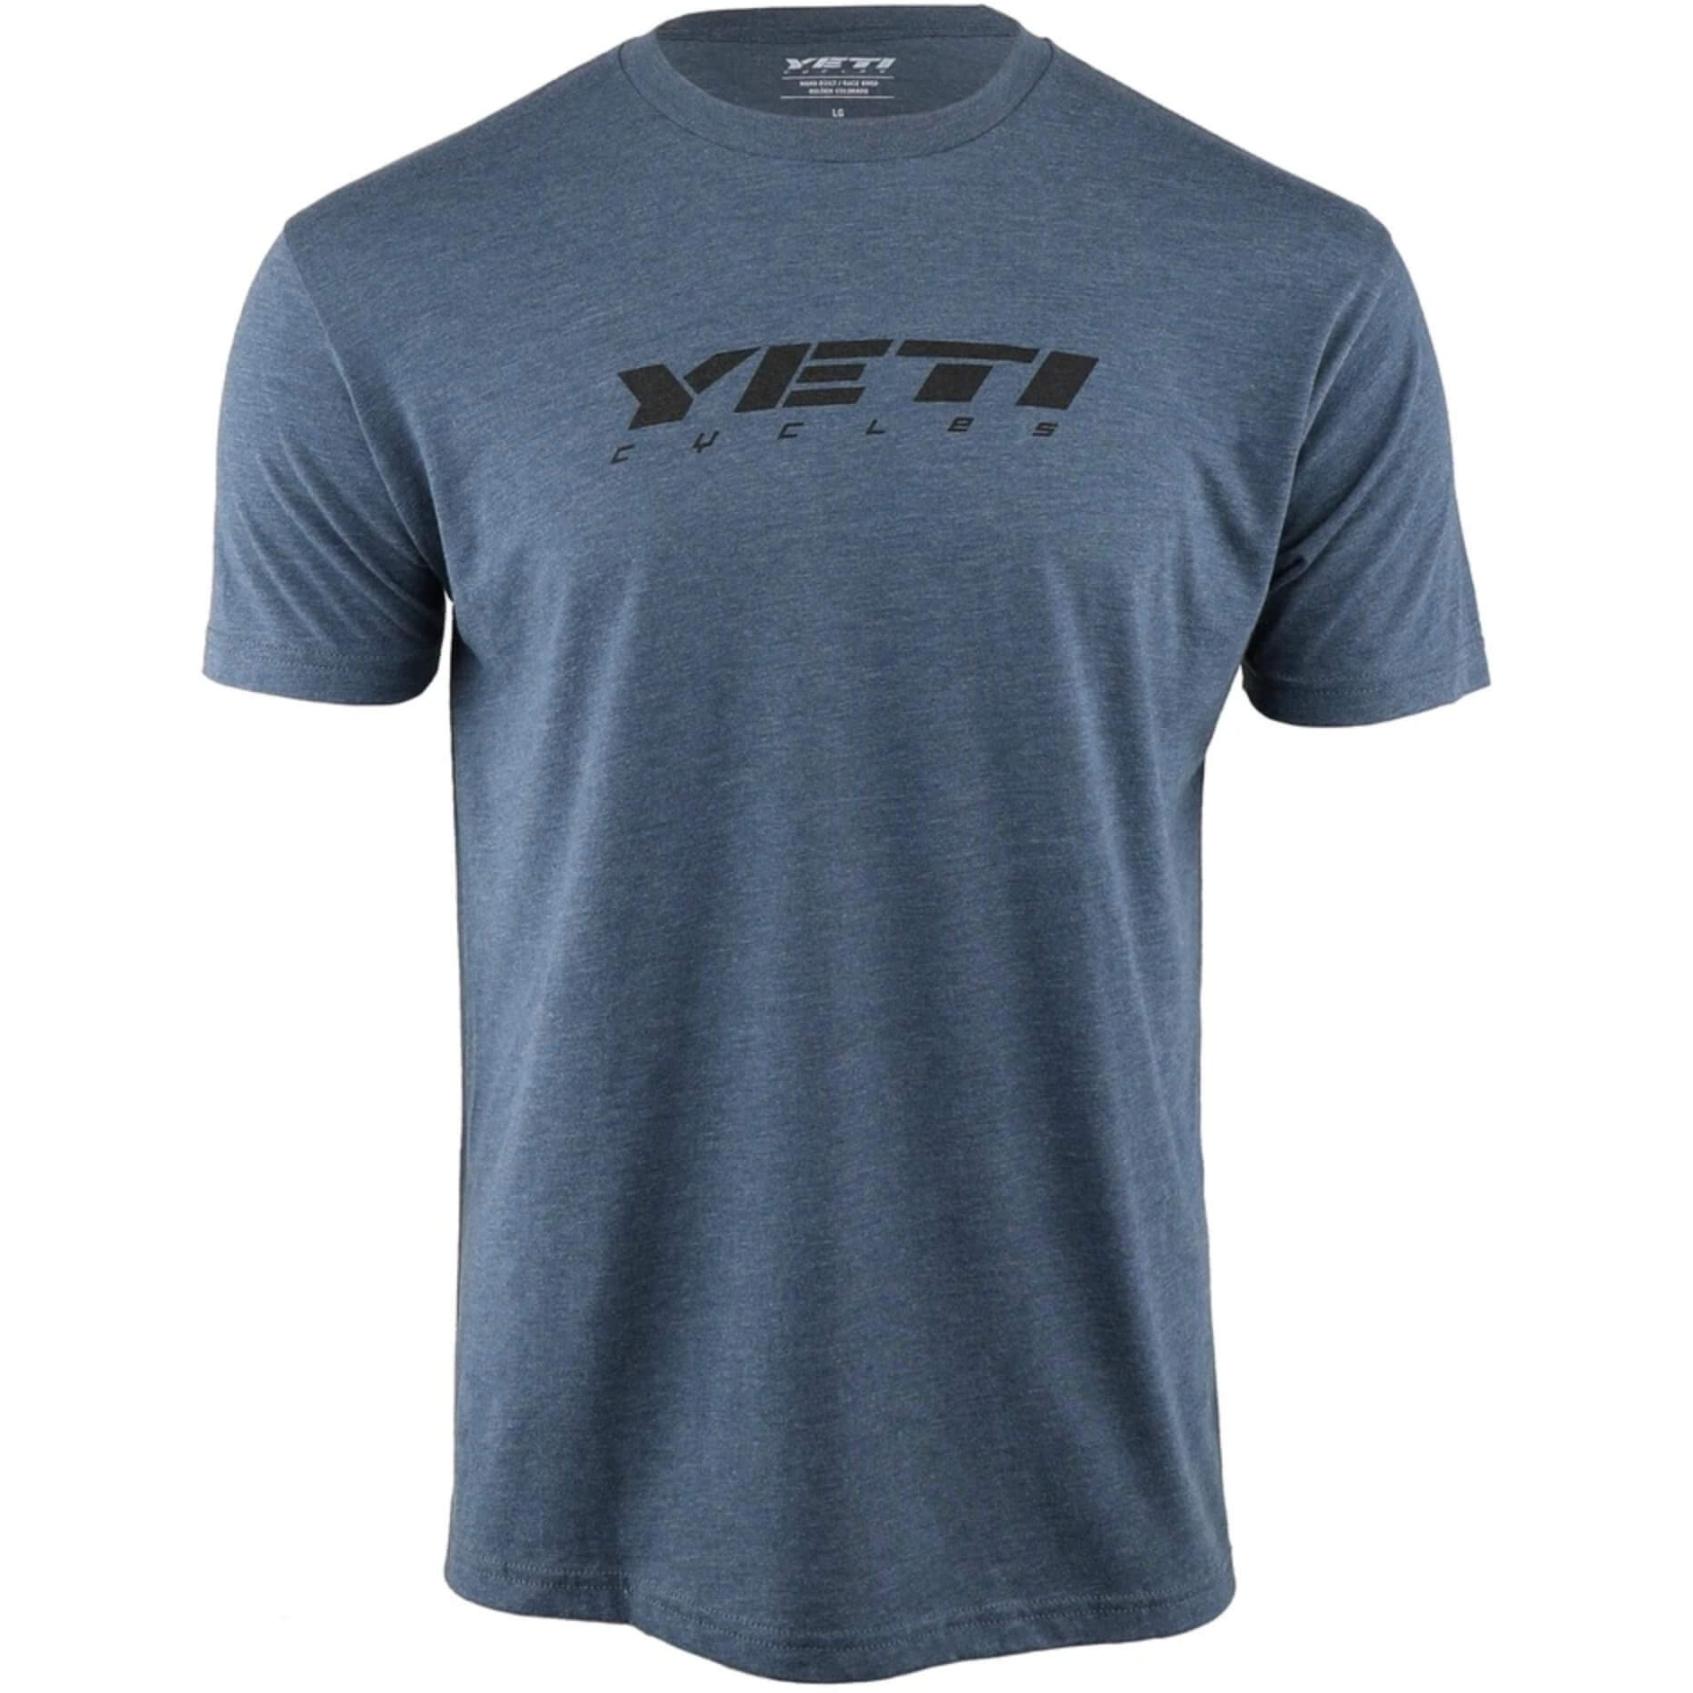 Yeti Cycles Slant T-Shirt - Indigo